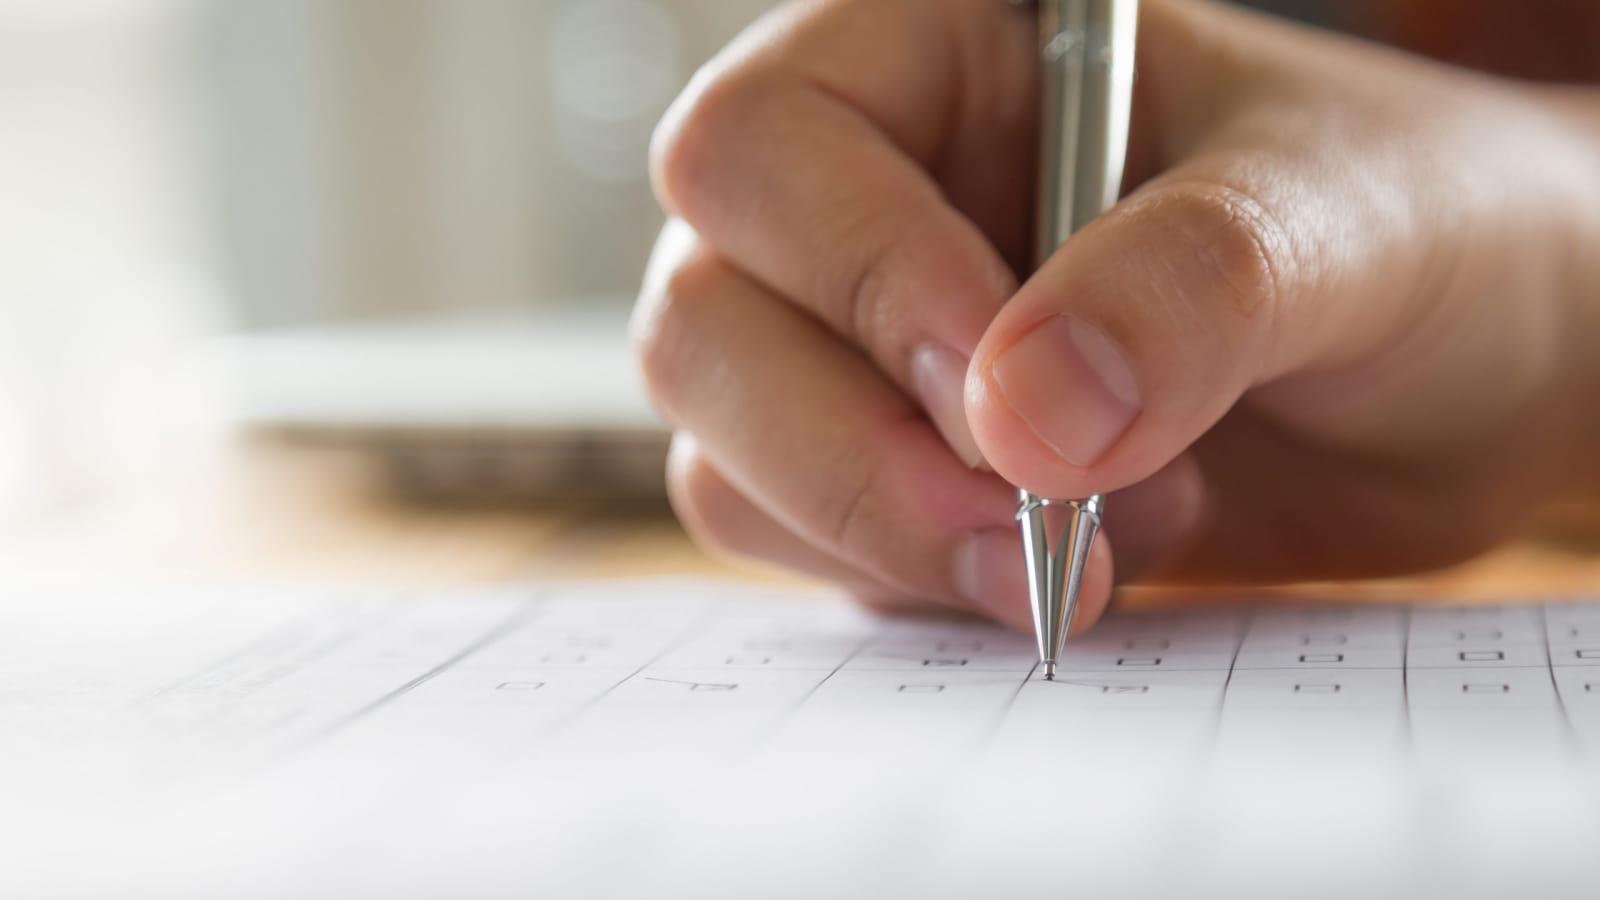 Une personne qui remplie un formulaire pour composer son séjour à la carte